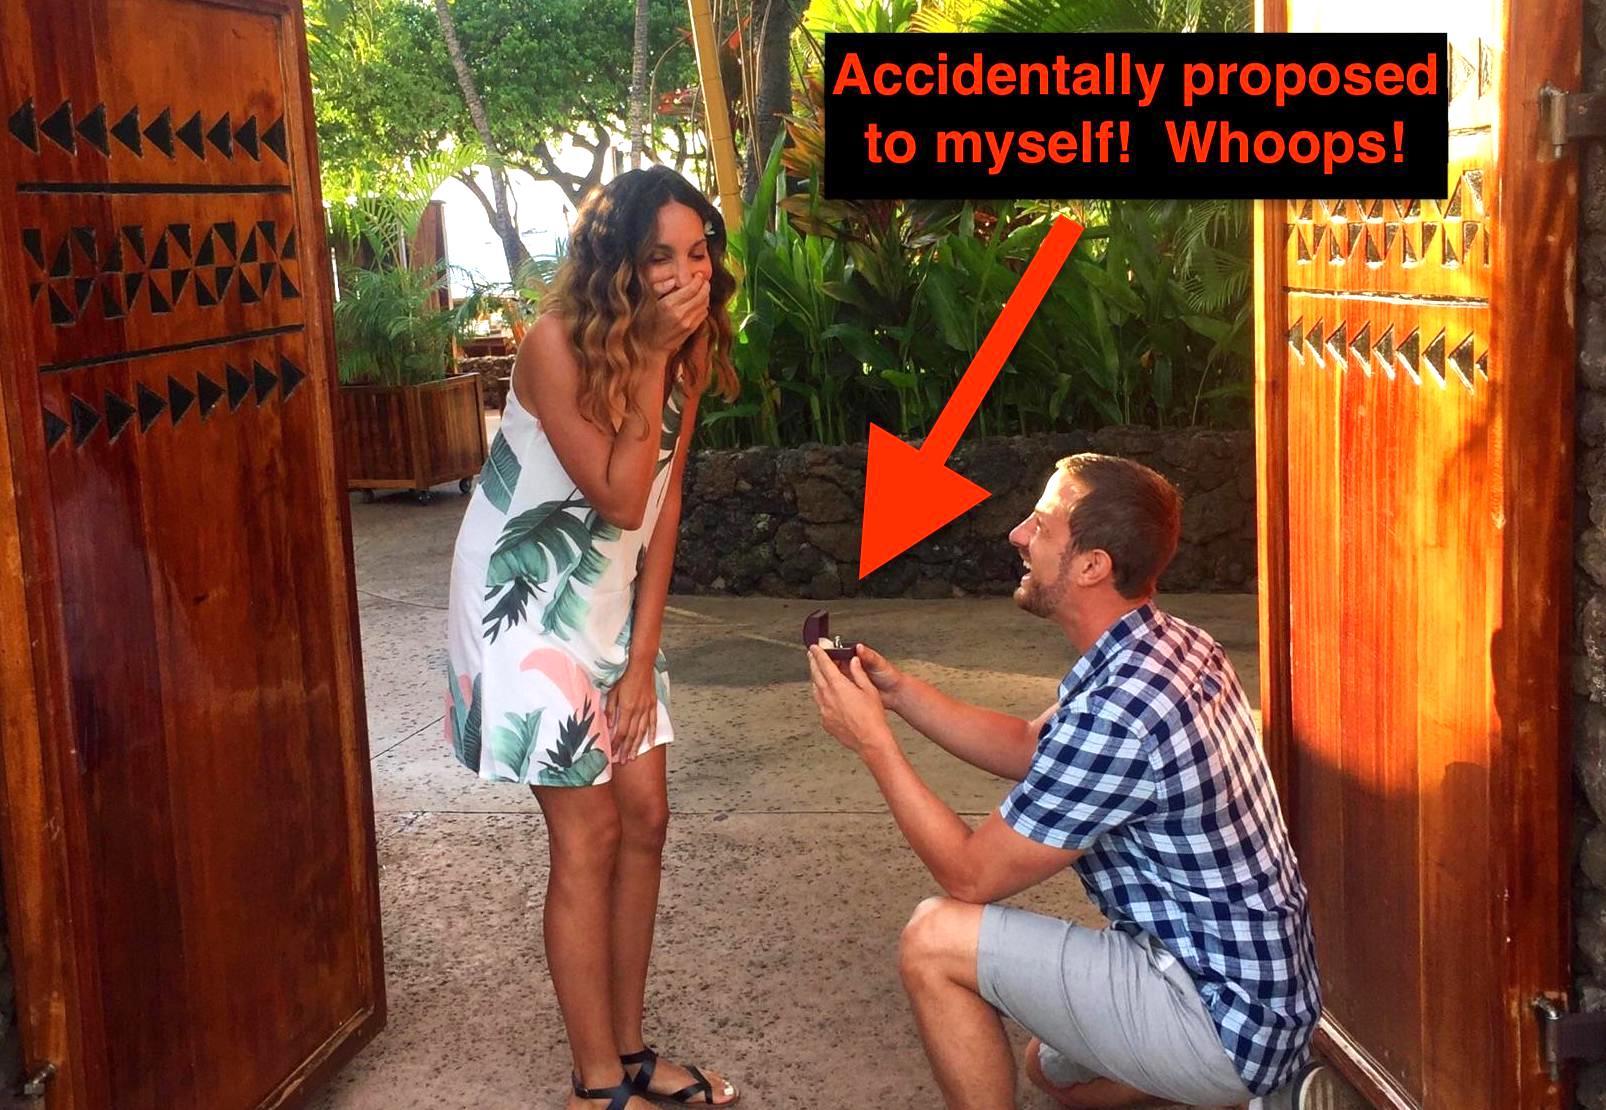 Joshua Pompey proposing to wife